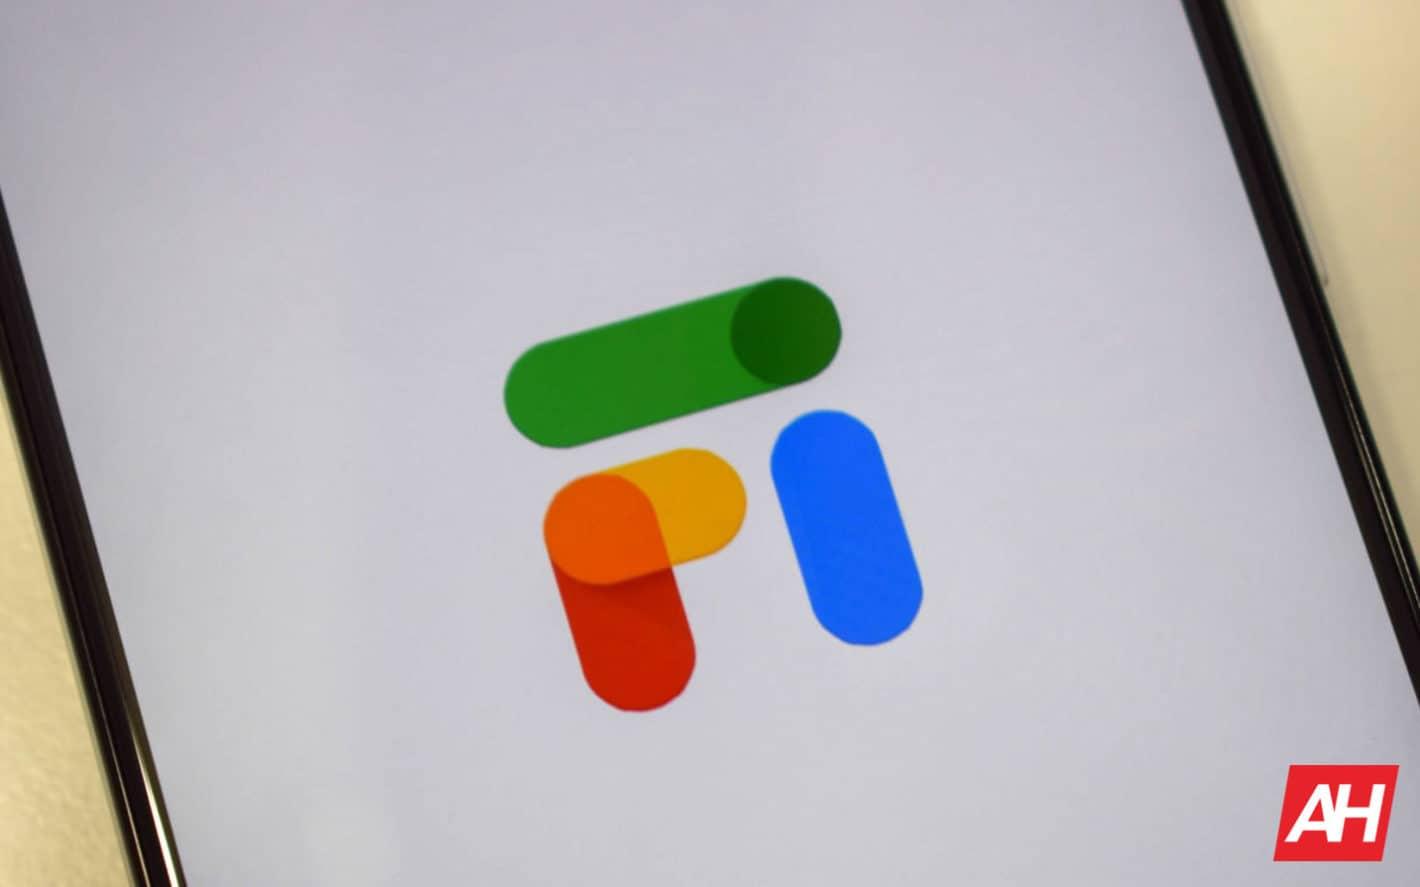 Google Fi utilisant le réseau T-Mobile 5G, testé sur la Galaxie S20 Ultra